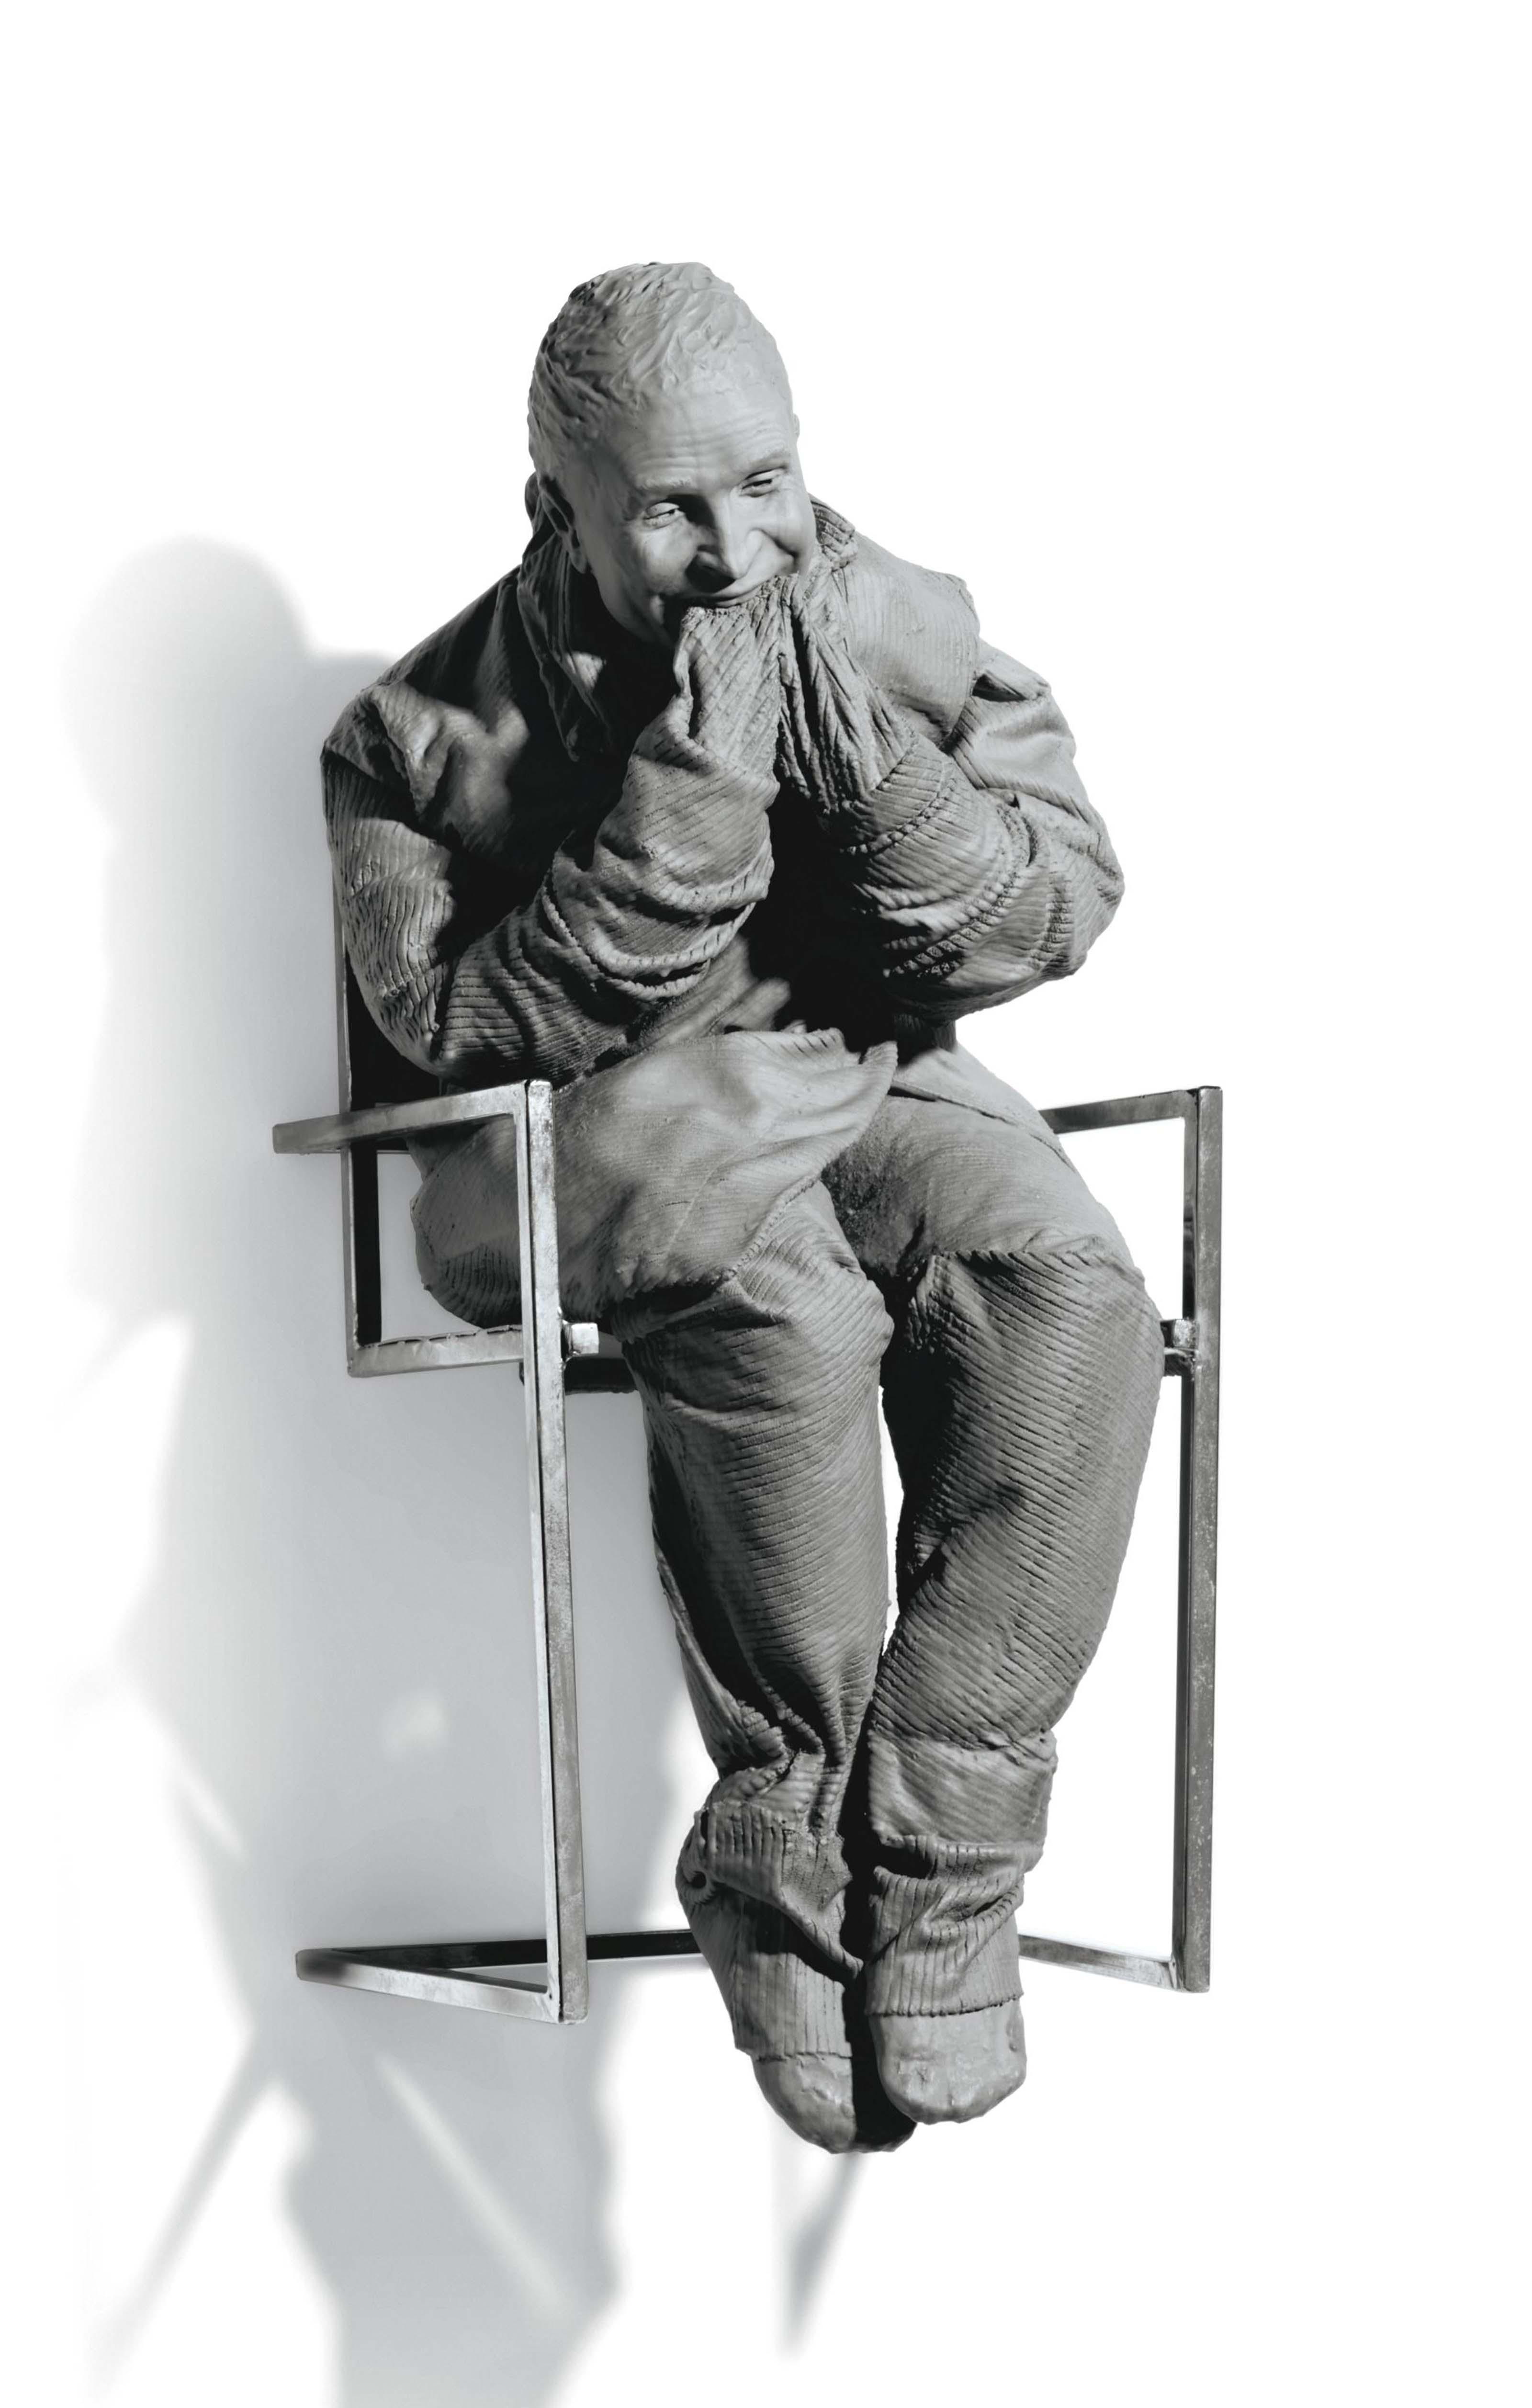 Juan Muñoz (1953-2001)